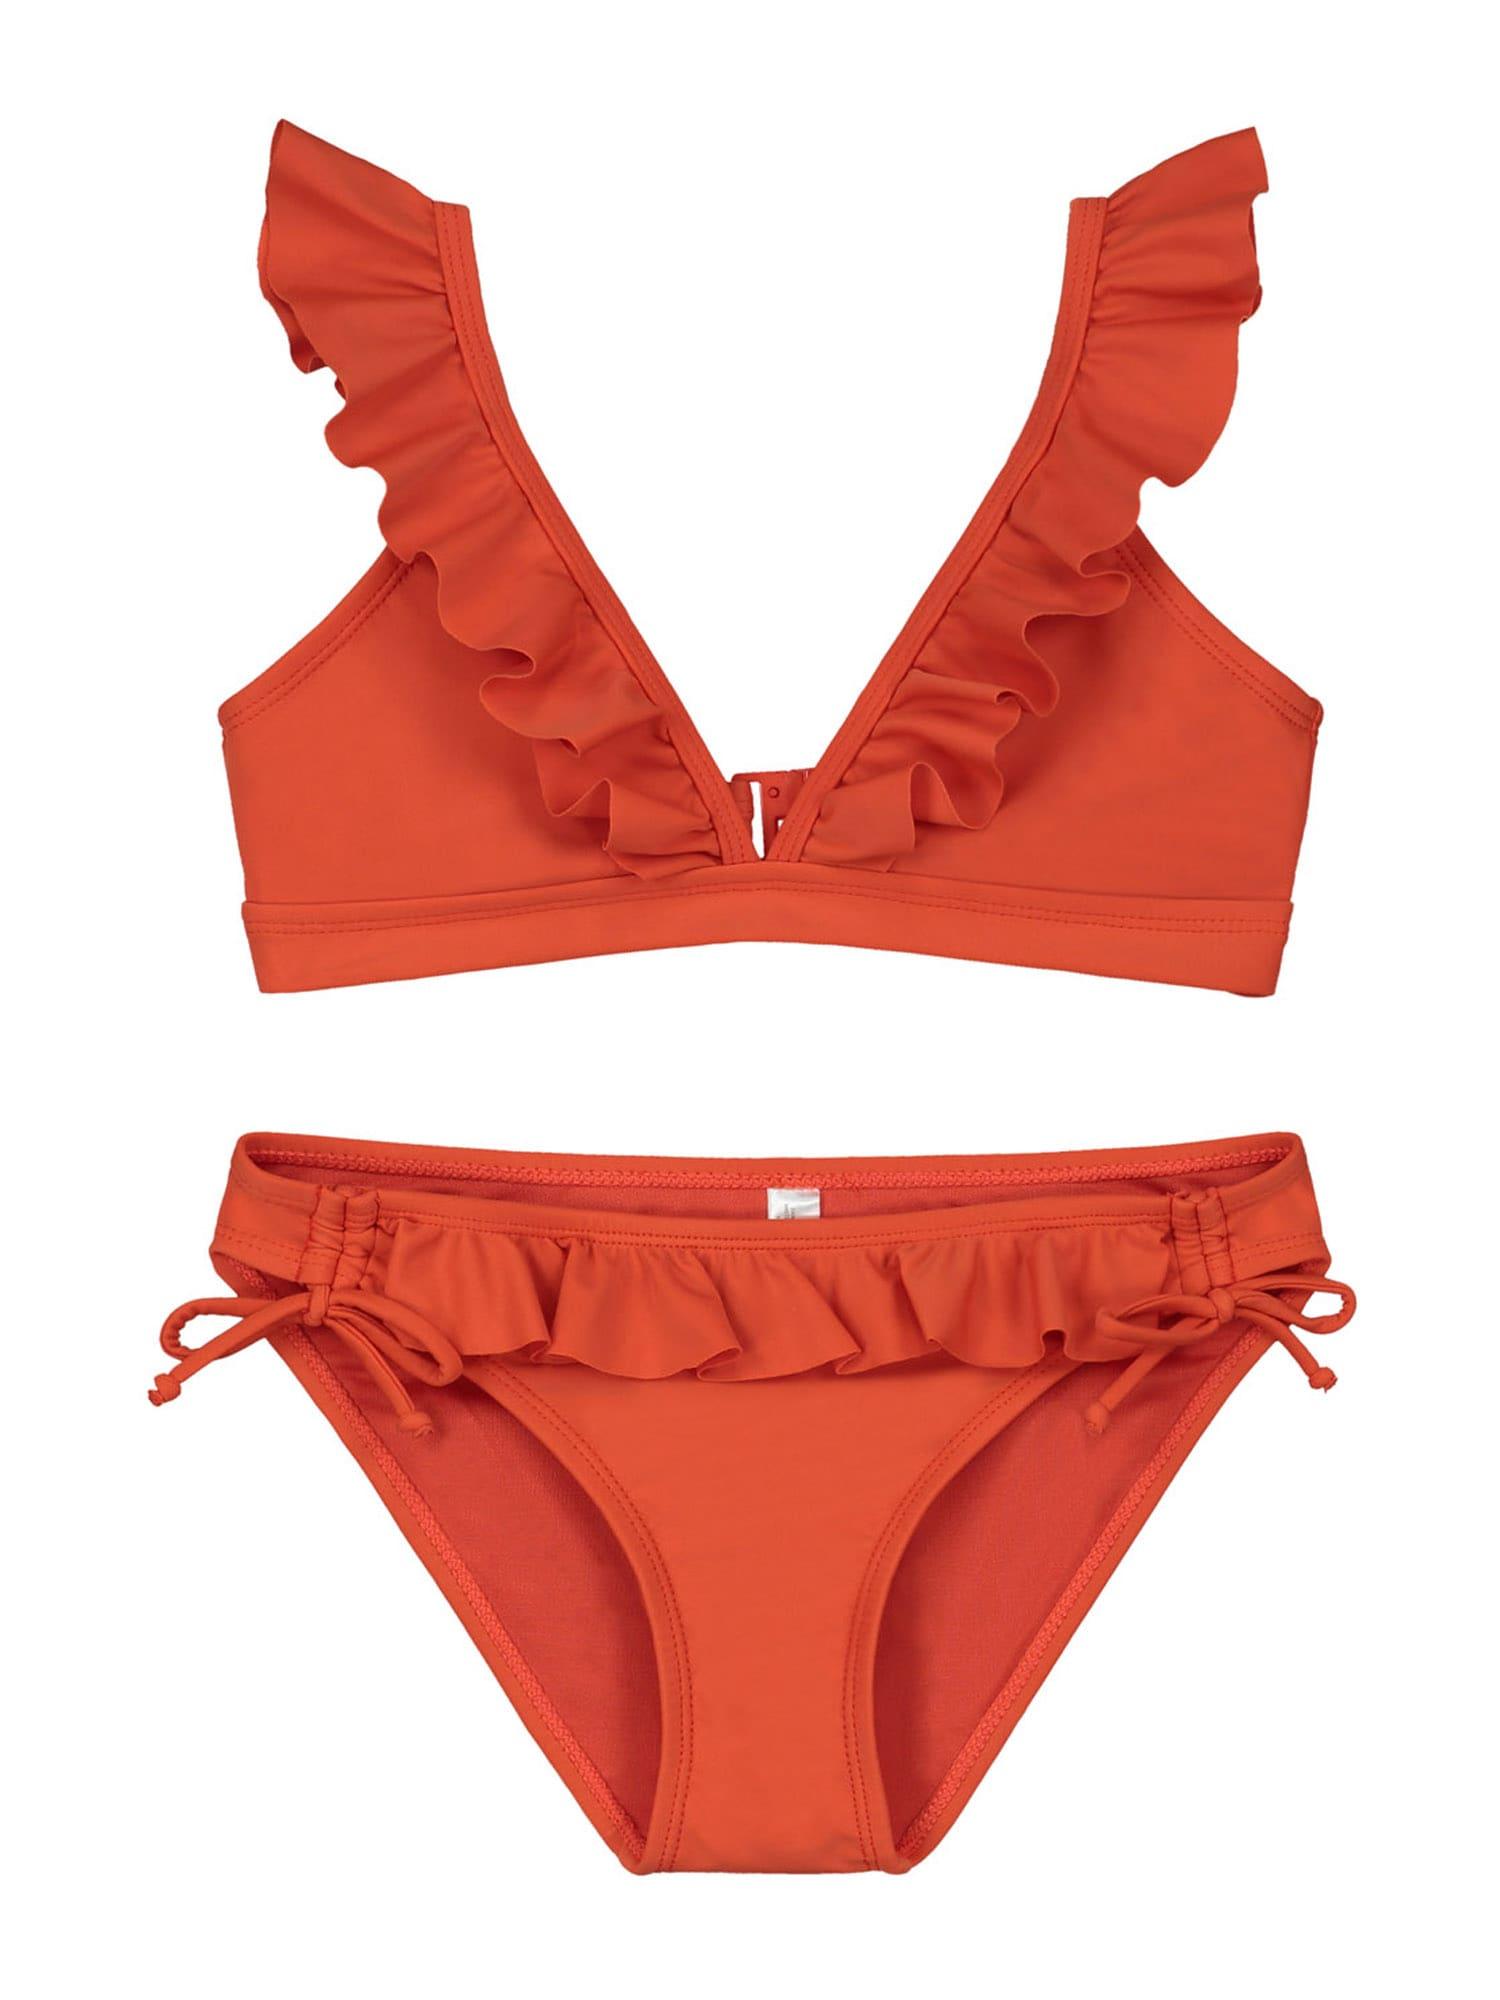 Shiwi Bikinis omarų spalva